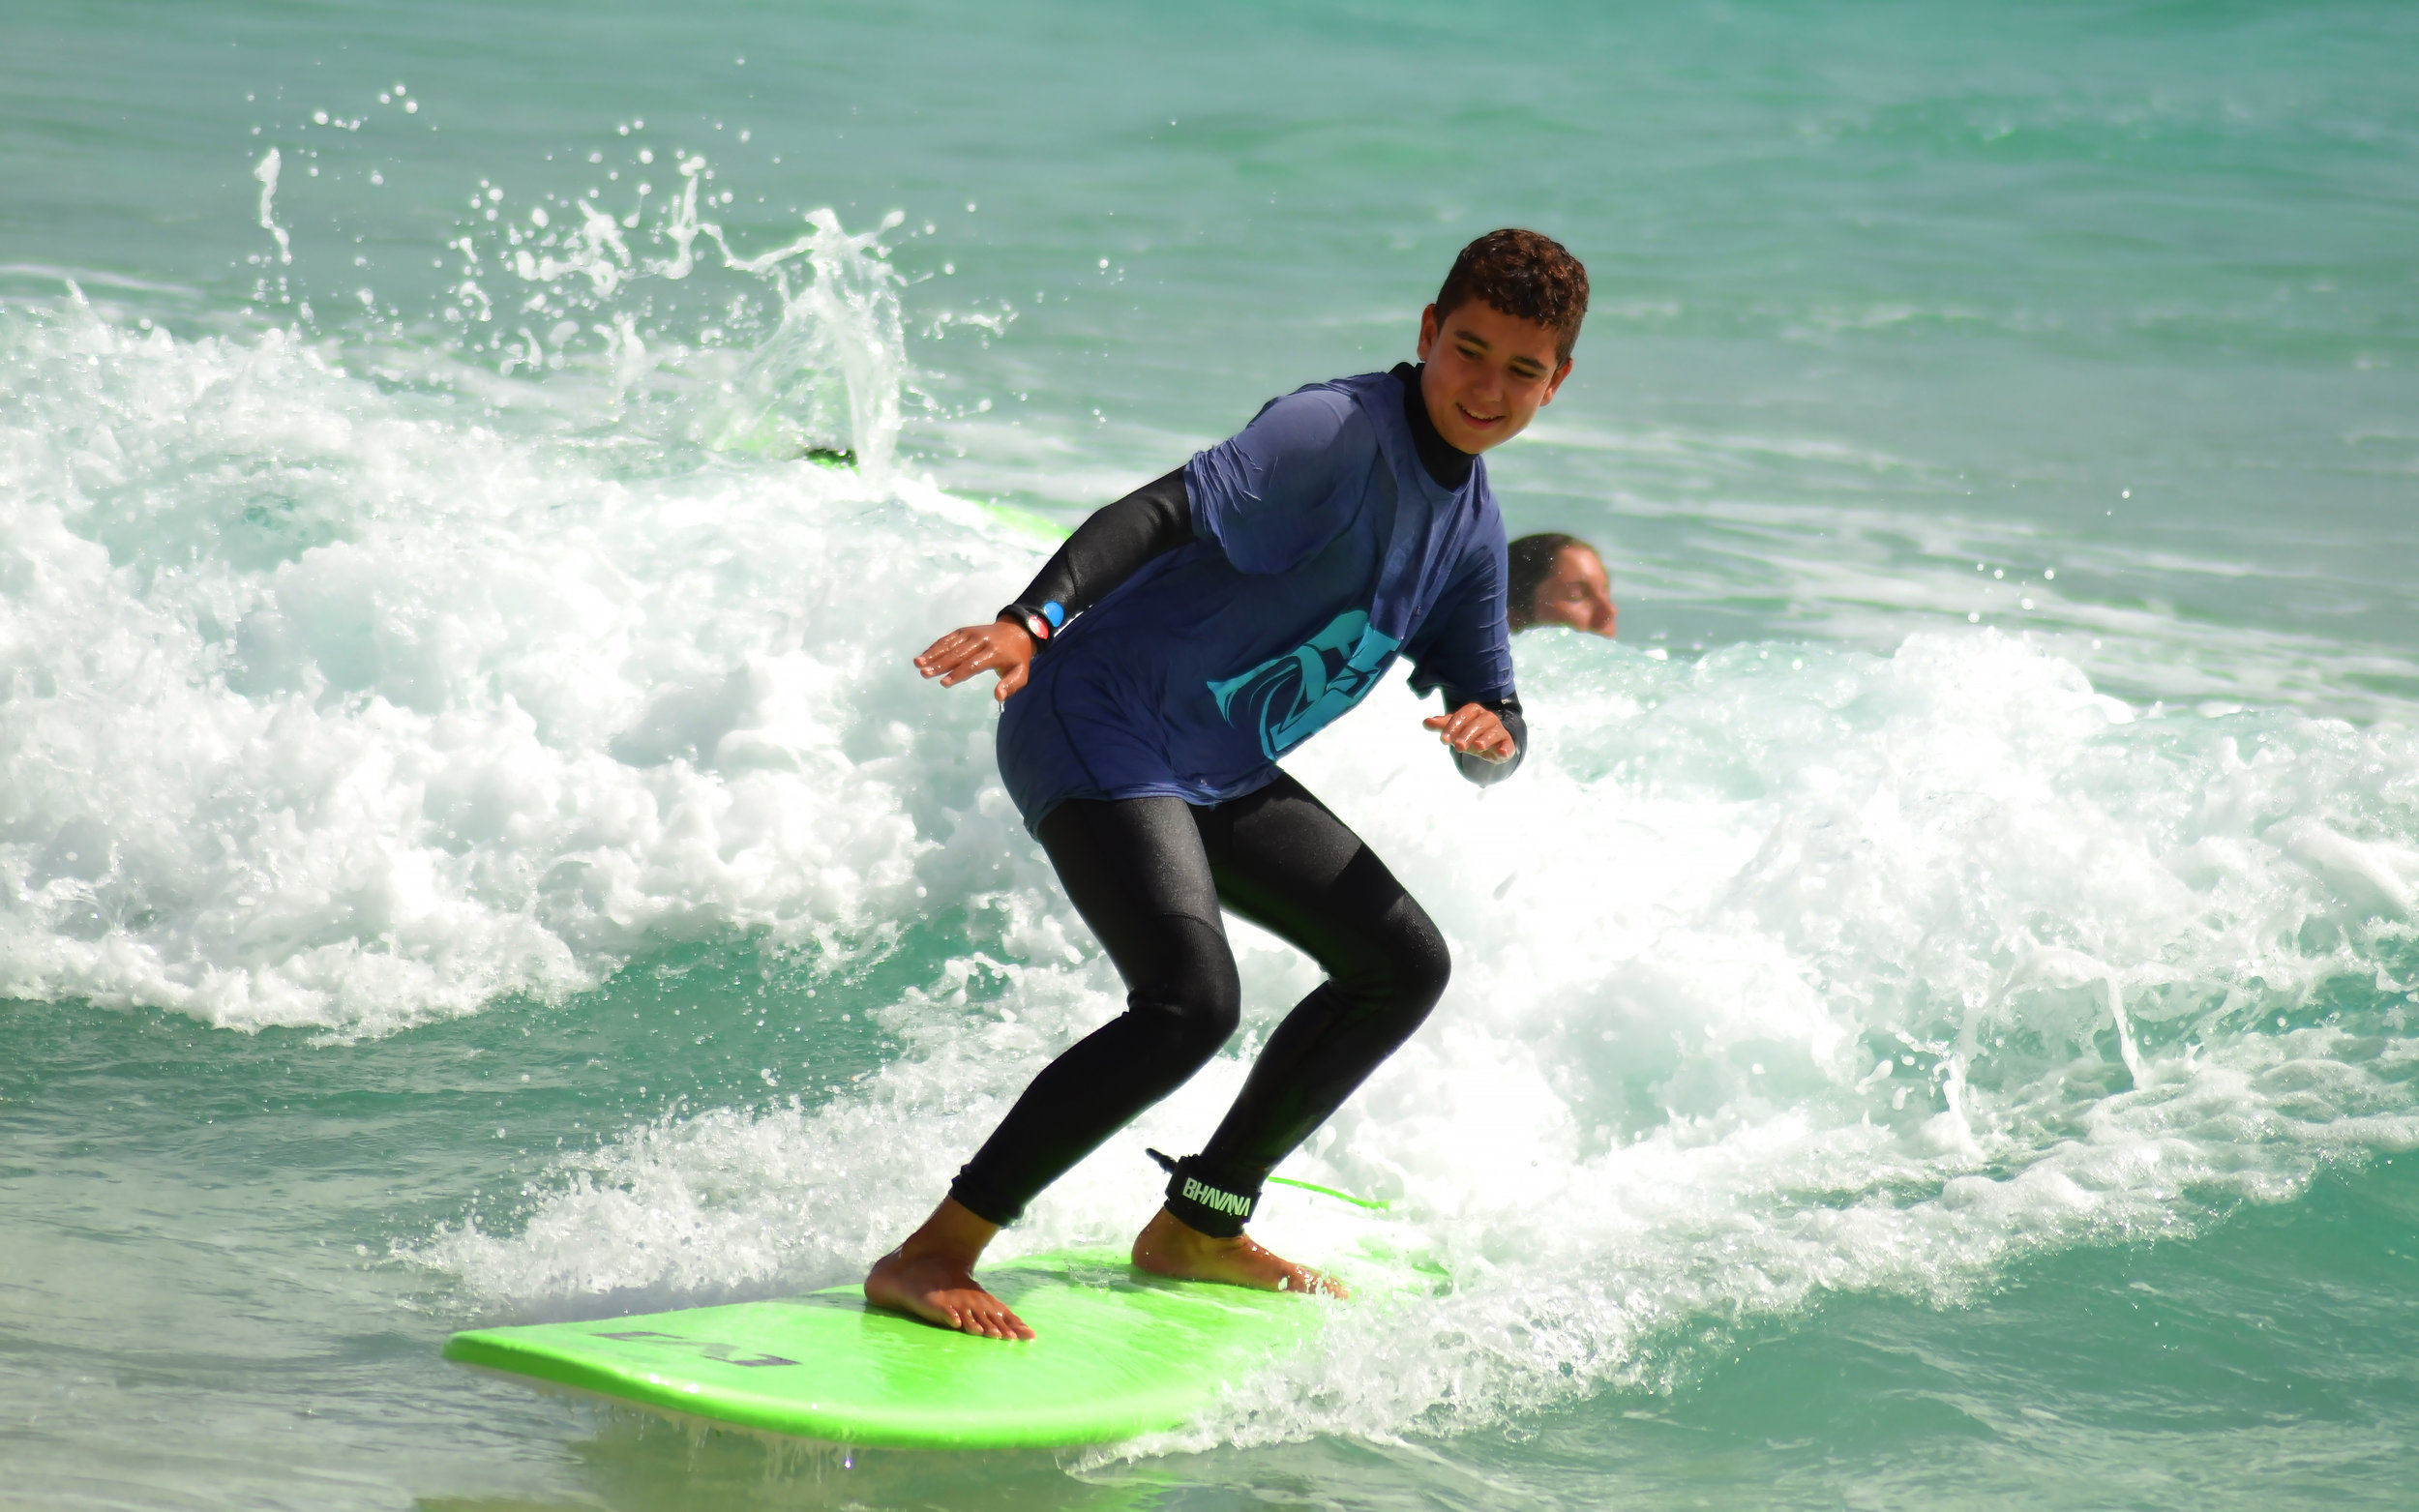 Copy of Cursos surf fuertevnetura